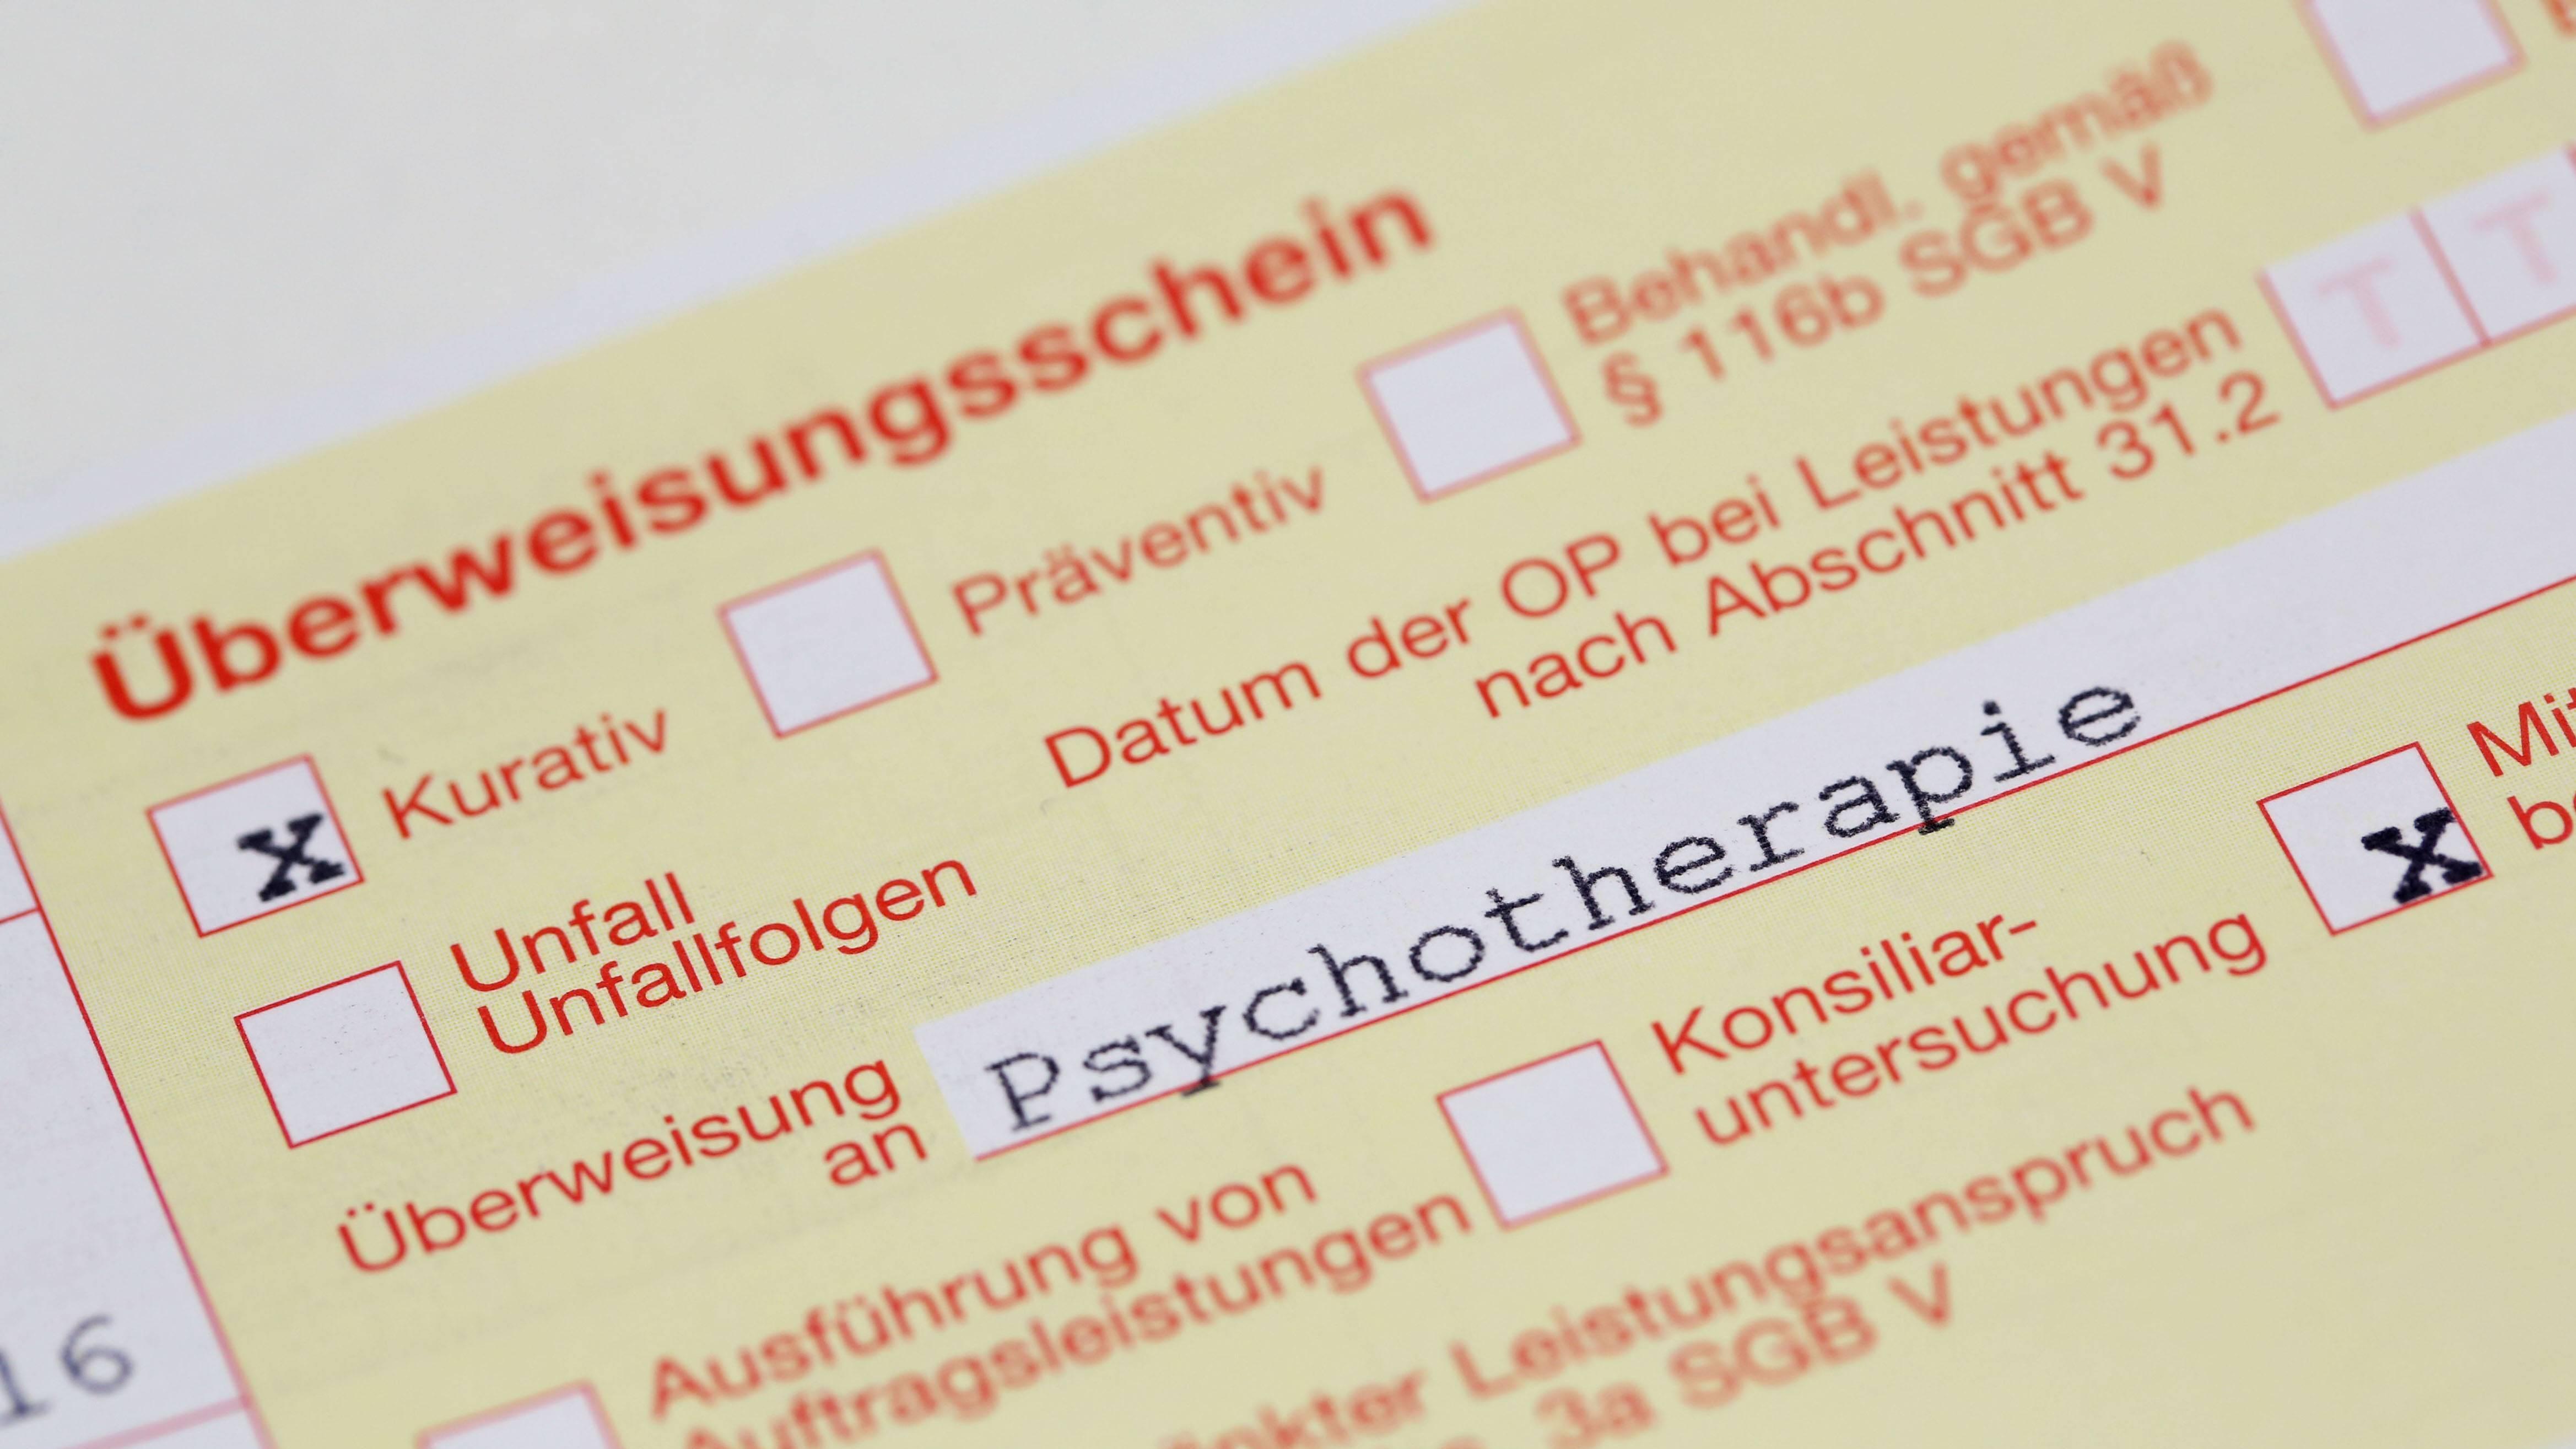 Erstgespräch Psychotherapie: Das sollten Sie wissen